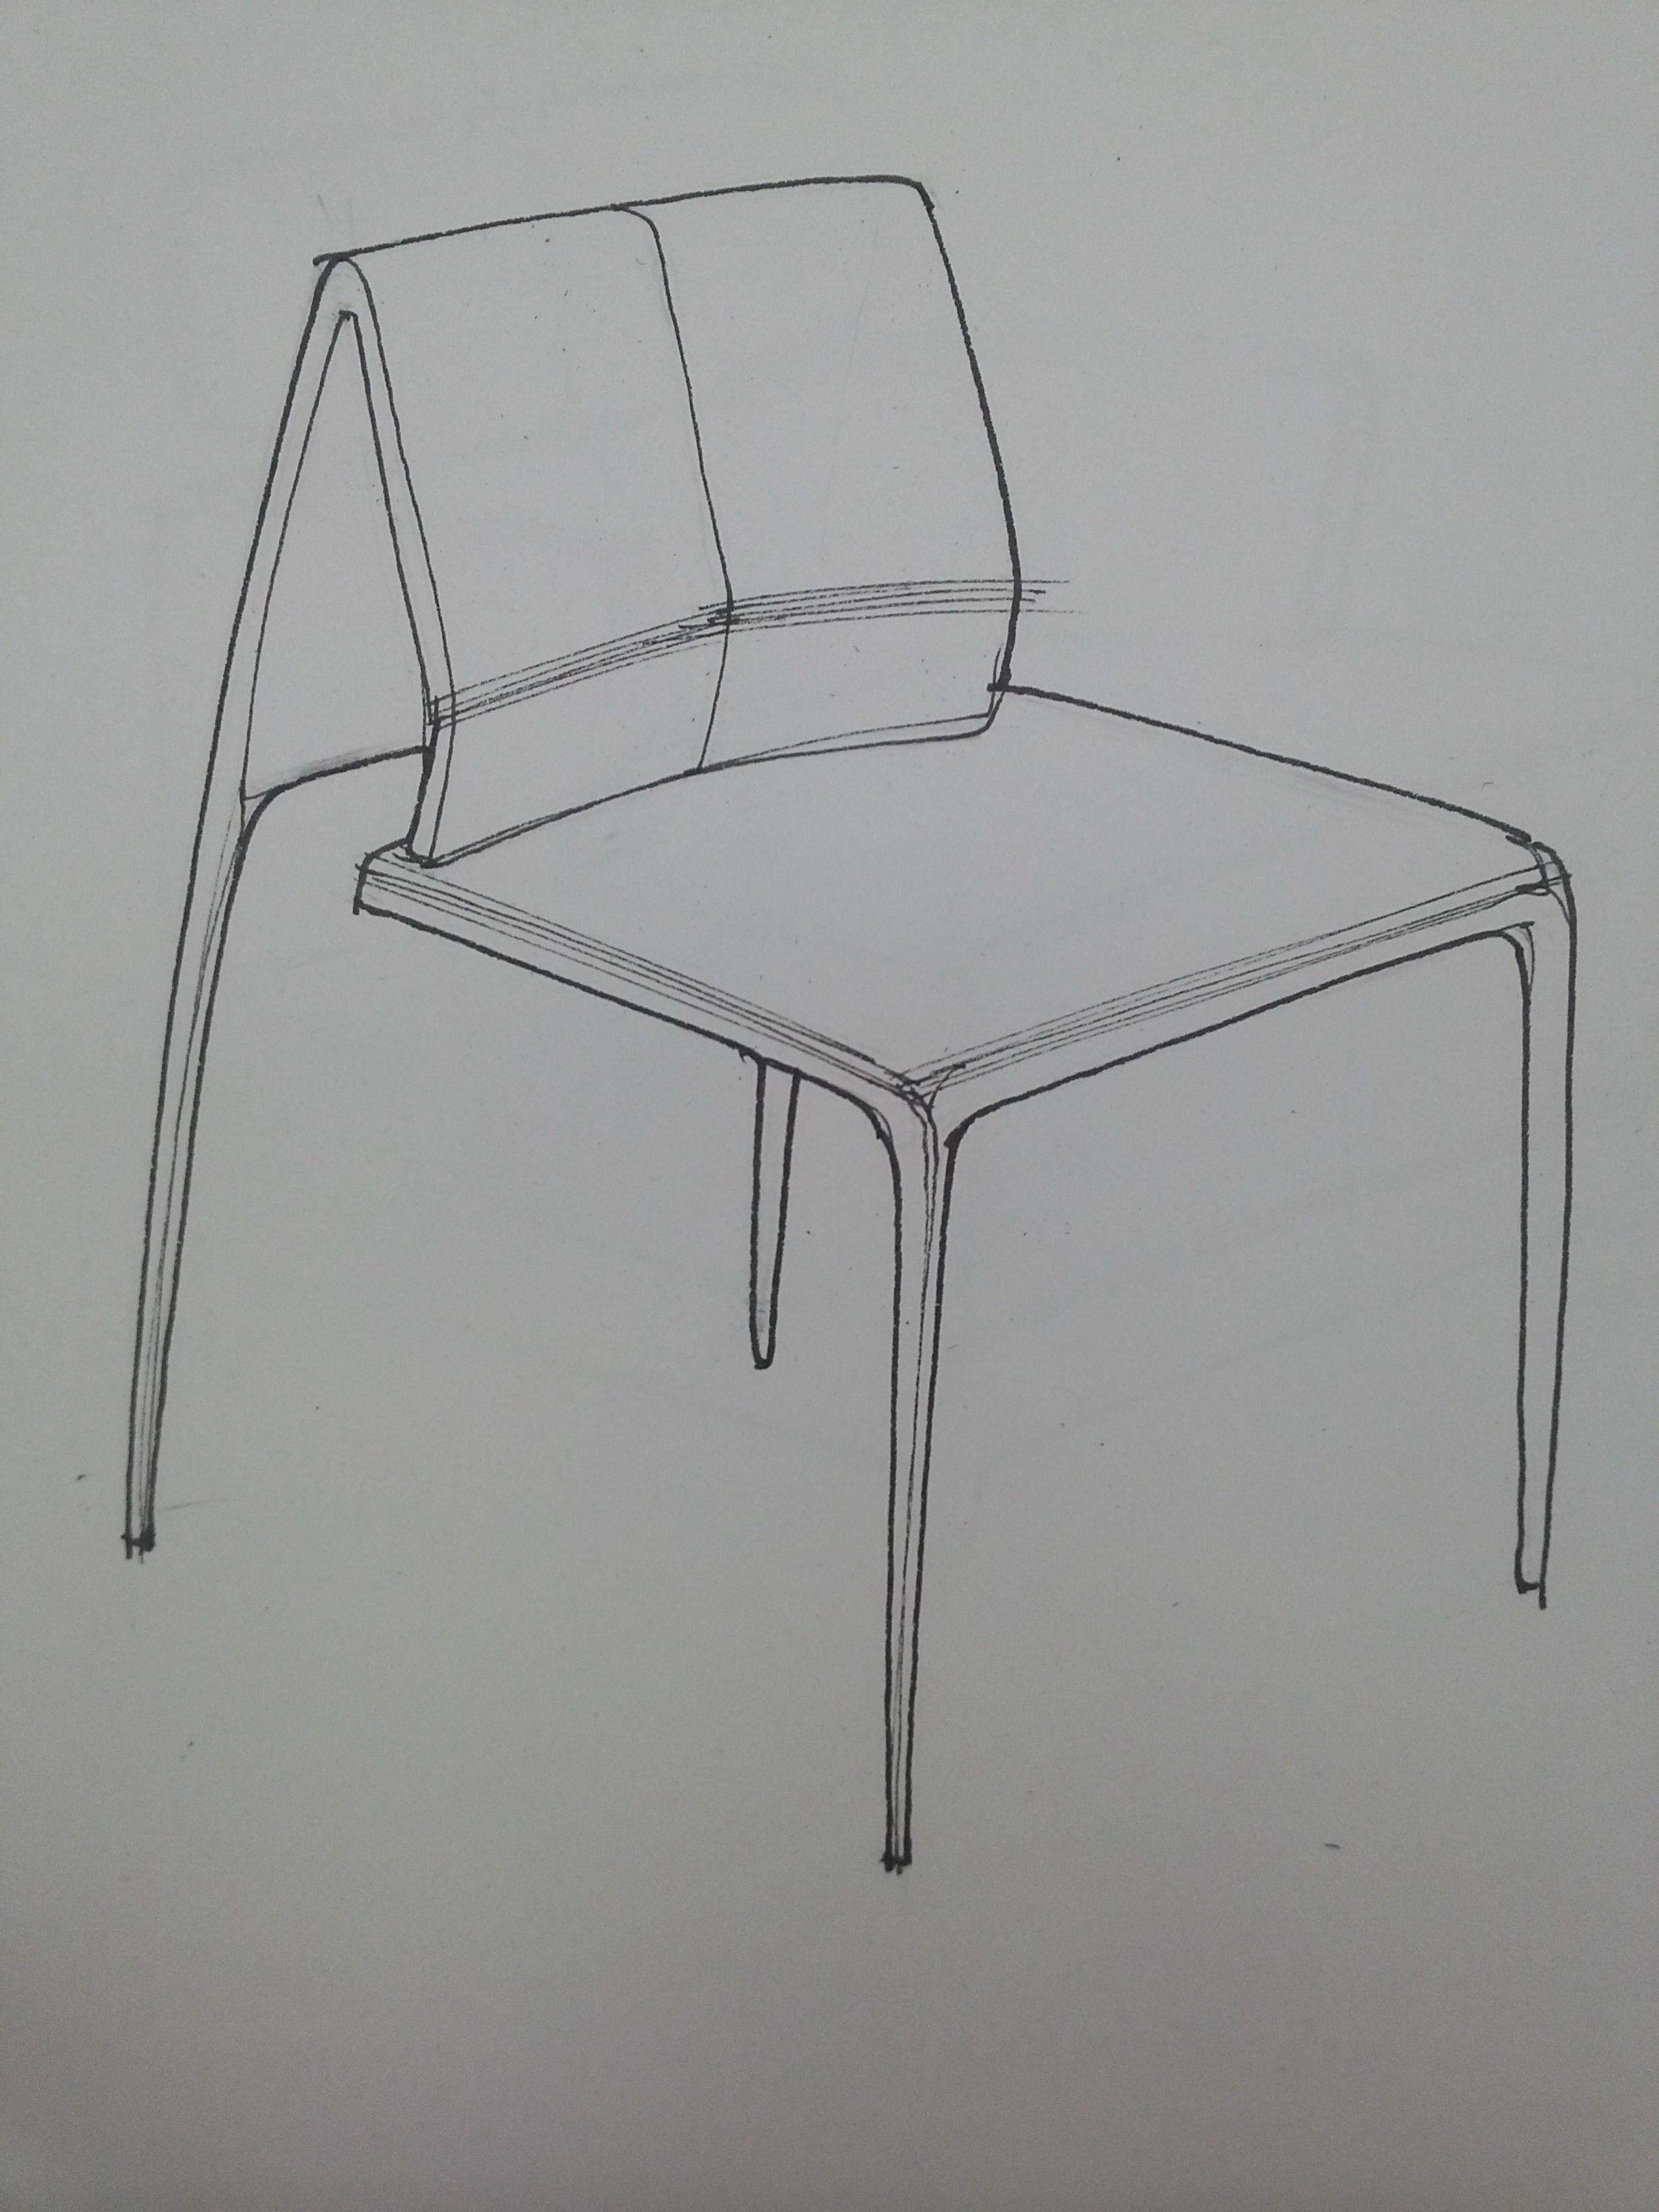 纯手绘家具设计|工业/产品|家具|最初的记忆 - 原创